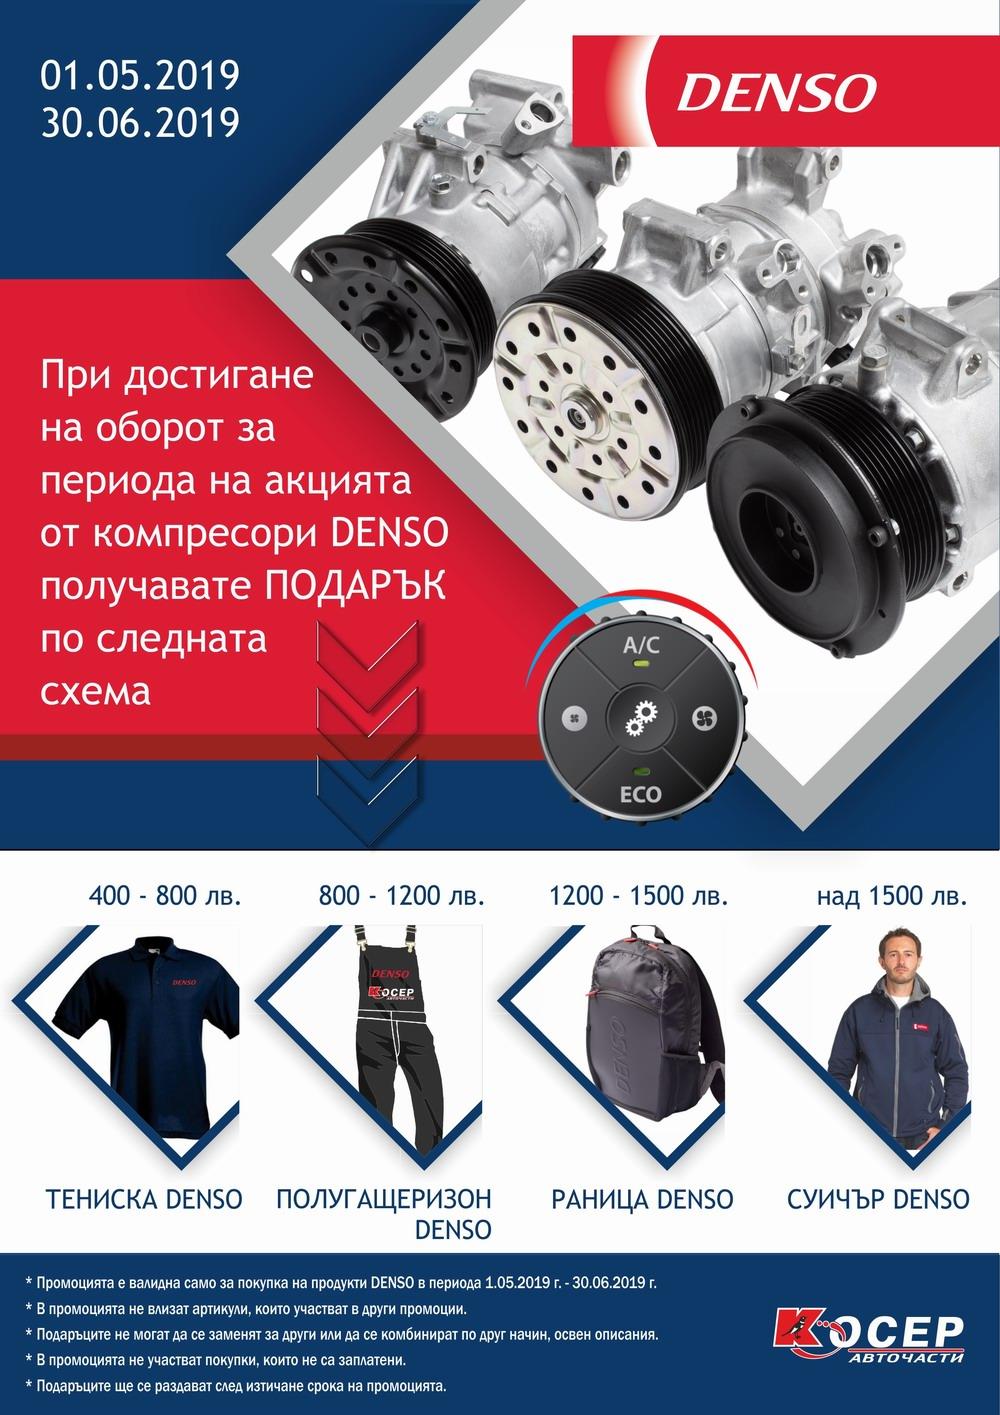 Промоция DENSO, 01.05.2019 - 30.06.2019